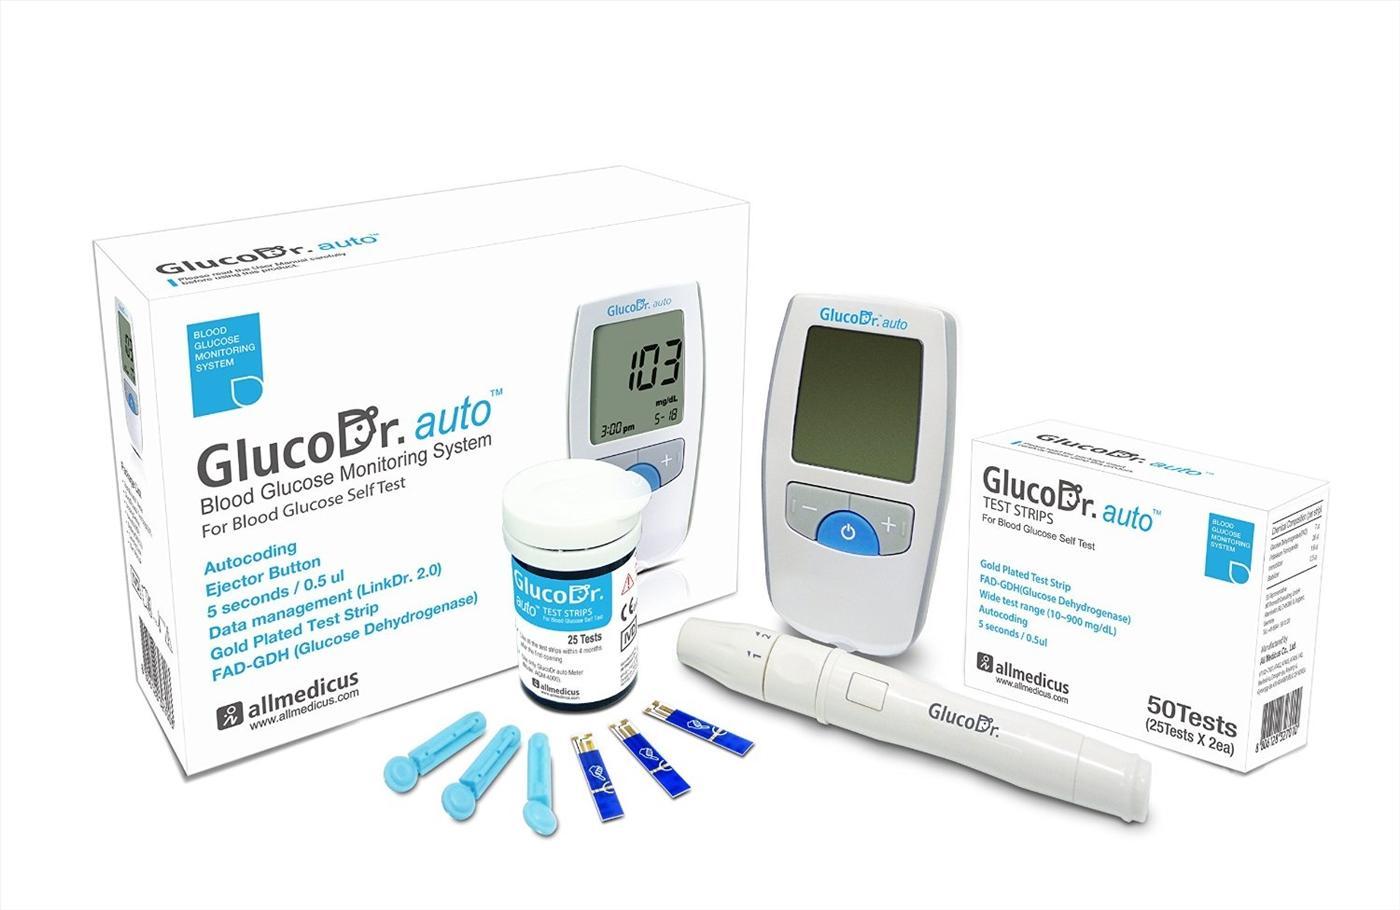 1 Máy đo đường huyết GlucoDr.Auto + 1 hộp 50 que glucoDr + 50 kim tròn lấy máu bán chạy